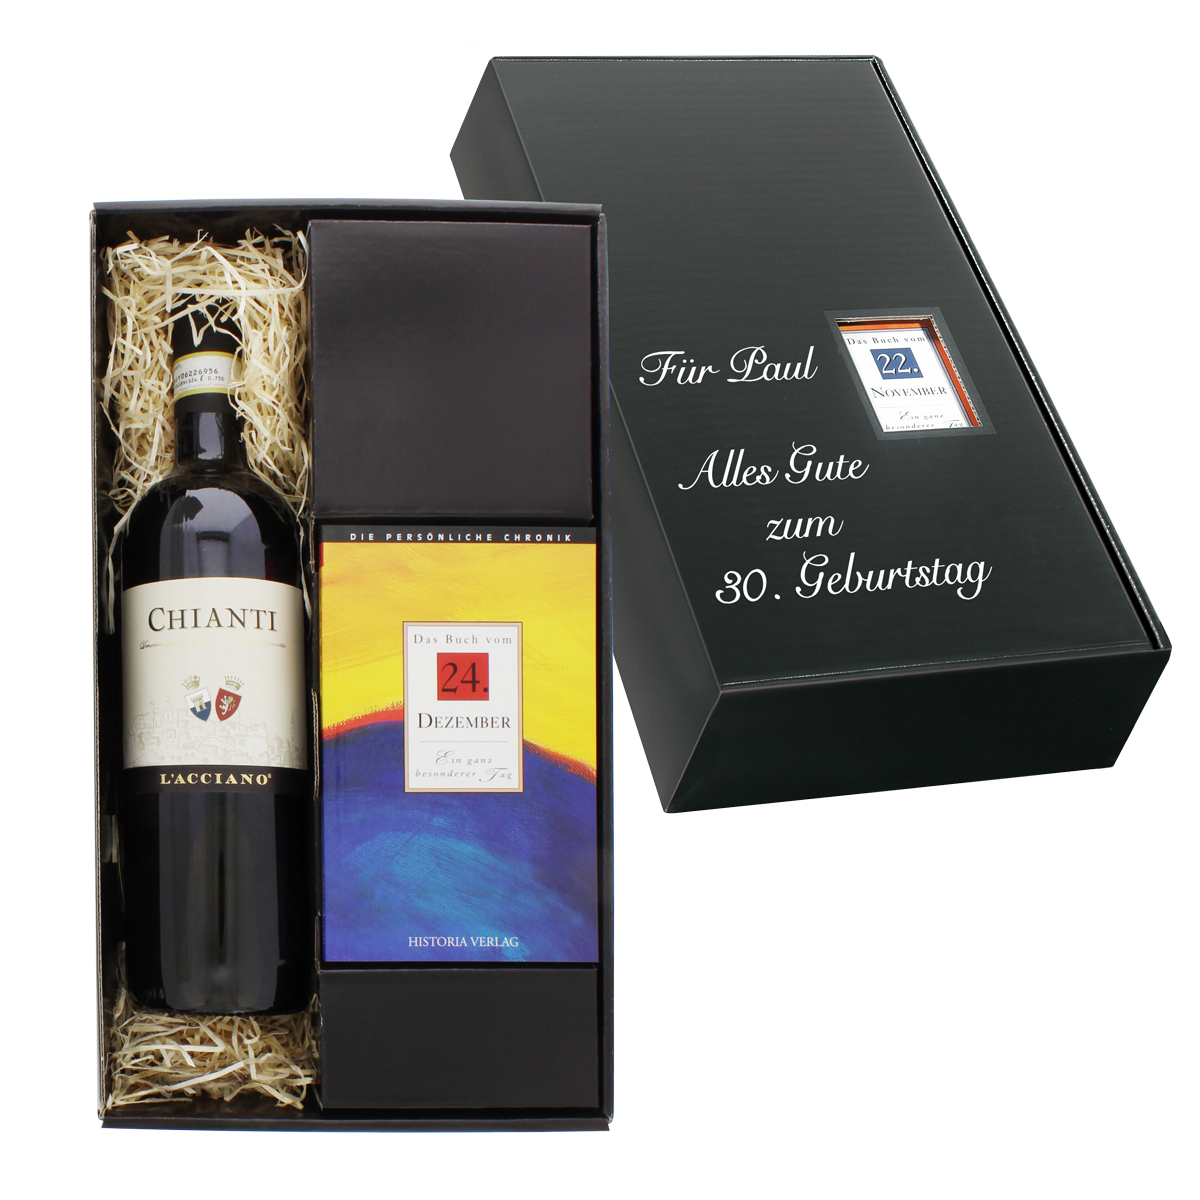 Italien-Set: Tageschronik vom 10. Juni & Chianti-Wein